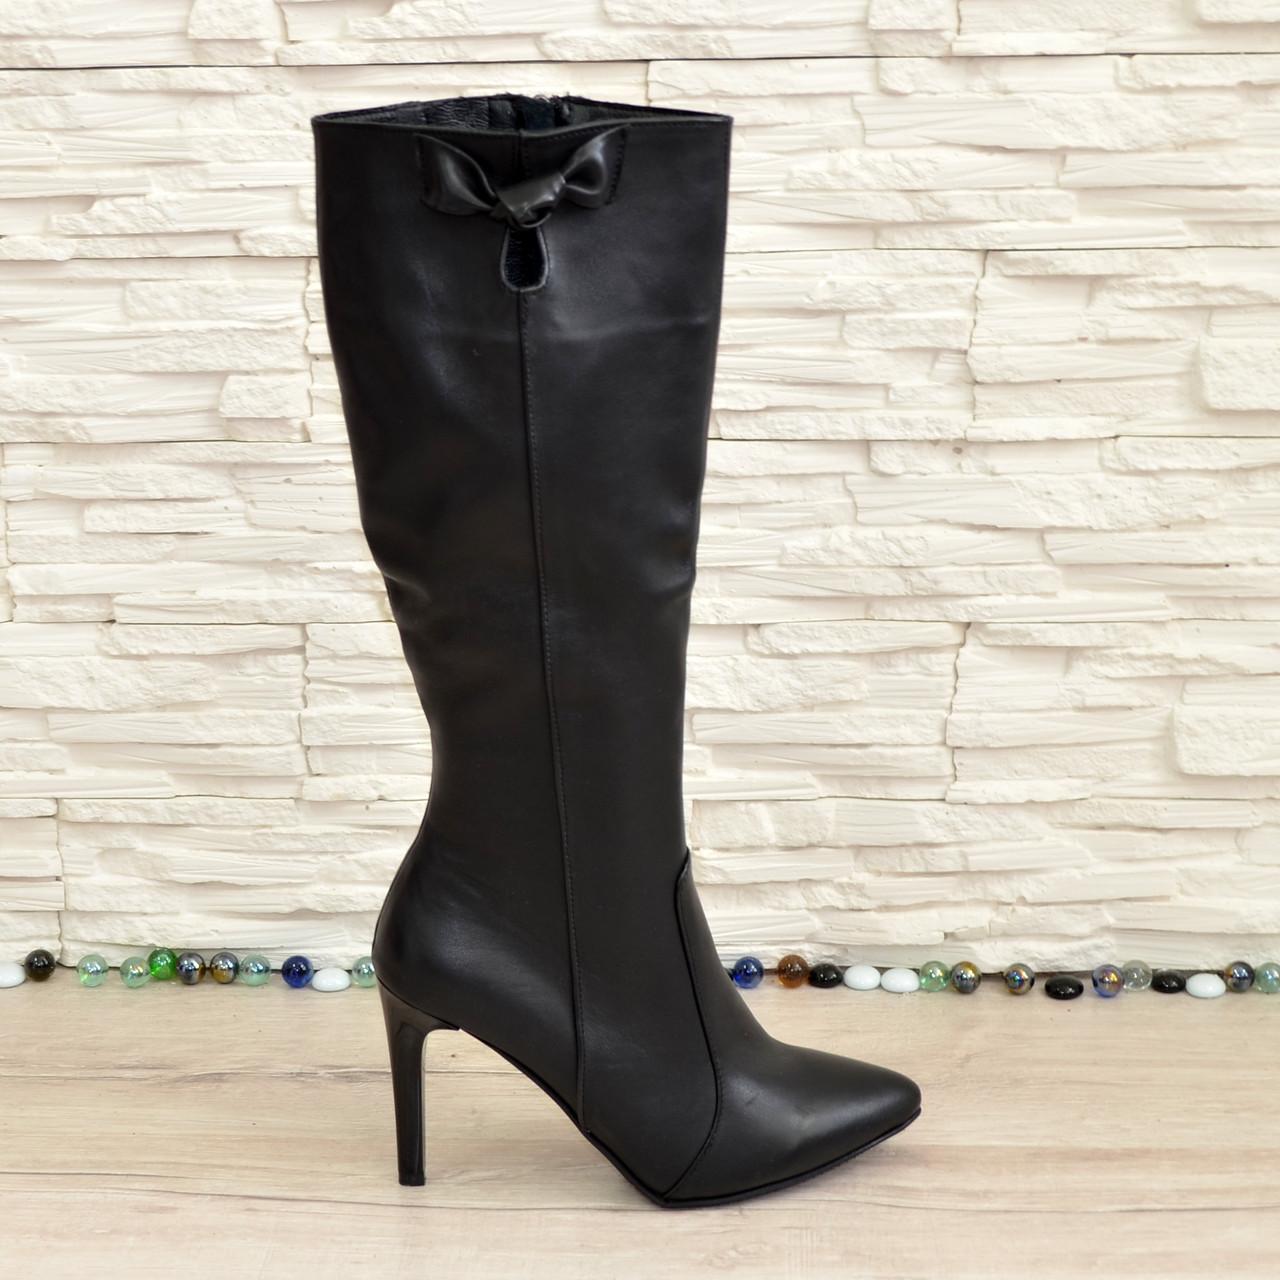 818301e5a Сапоги женские кожаные демисезонные на шпильке. 39 размер: продажа ...